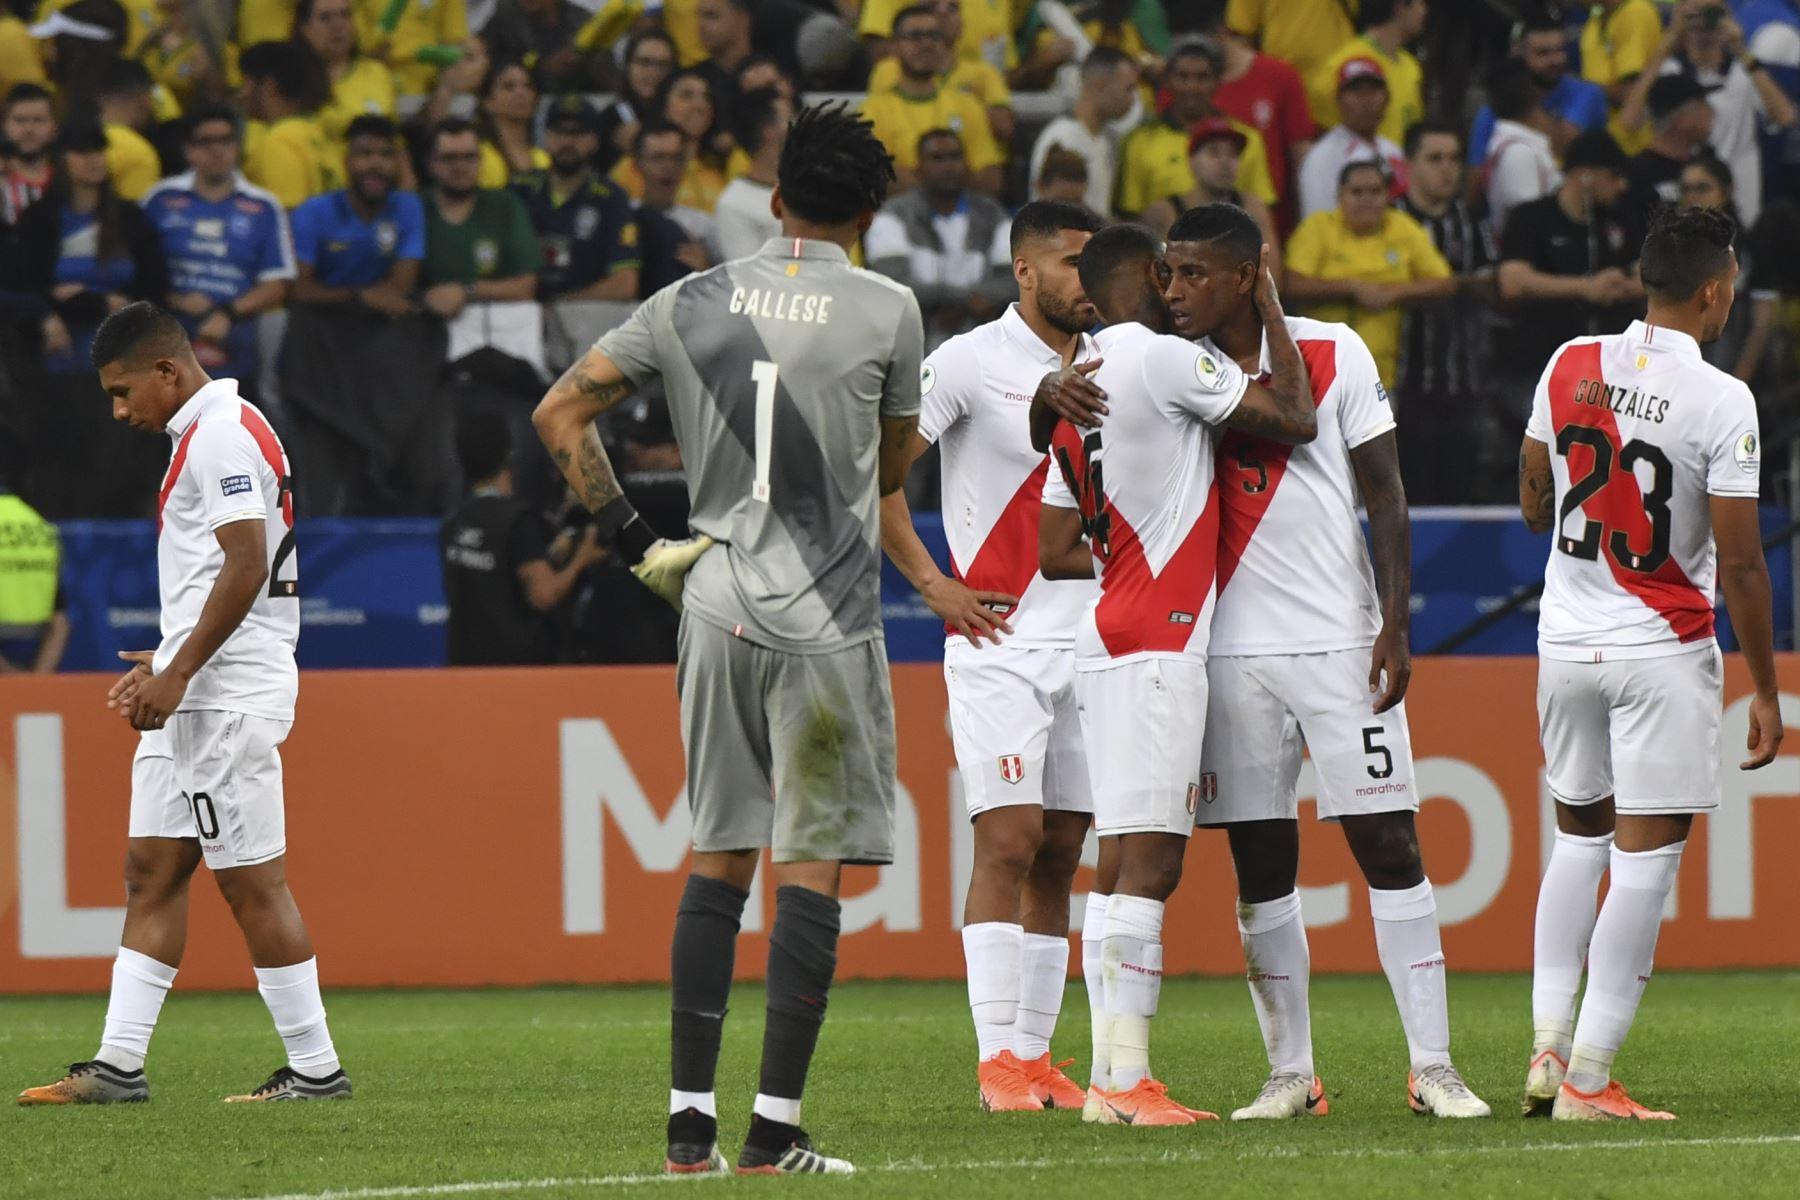 Los jugadores de Perú se saludan luego de perder 5-0 ante Brasil en un partido de torneo de fútbol de Copa América. Foto: AFP